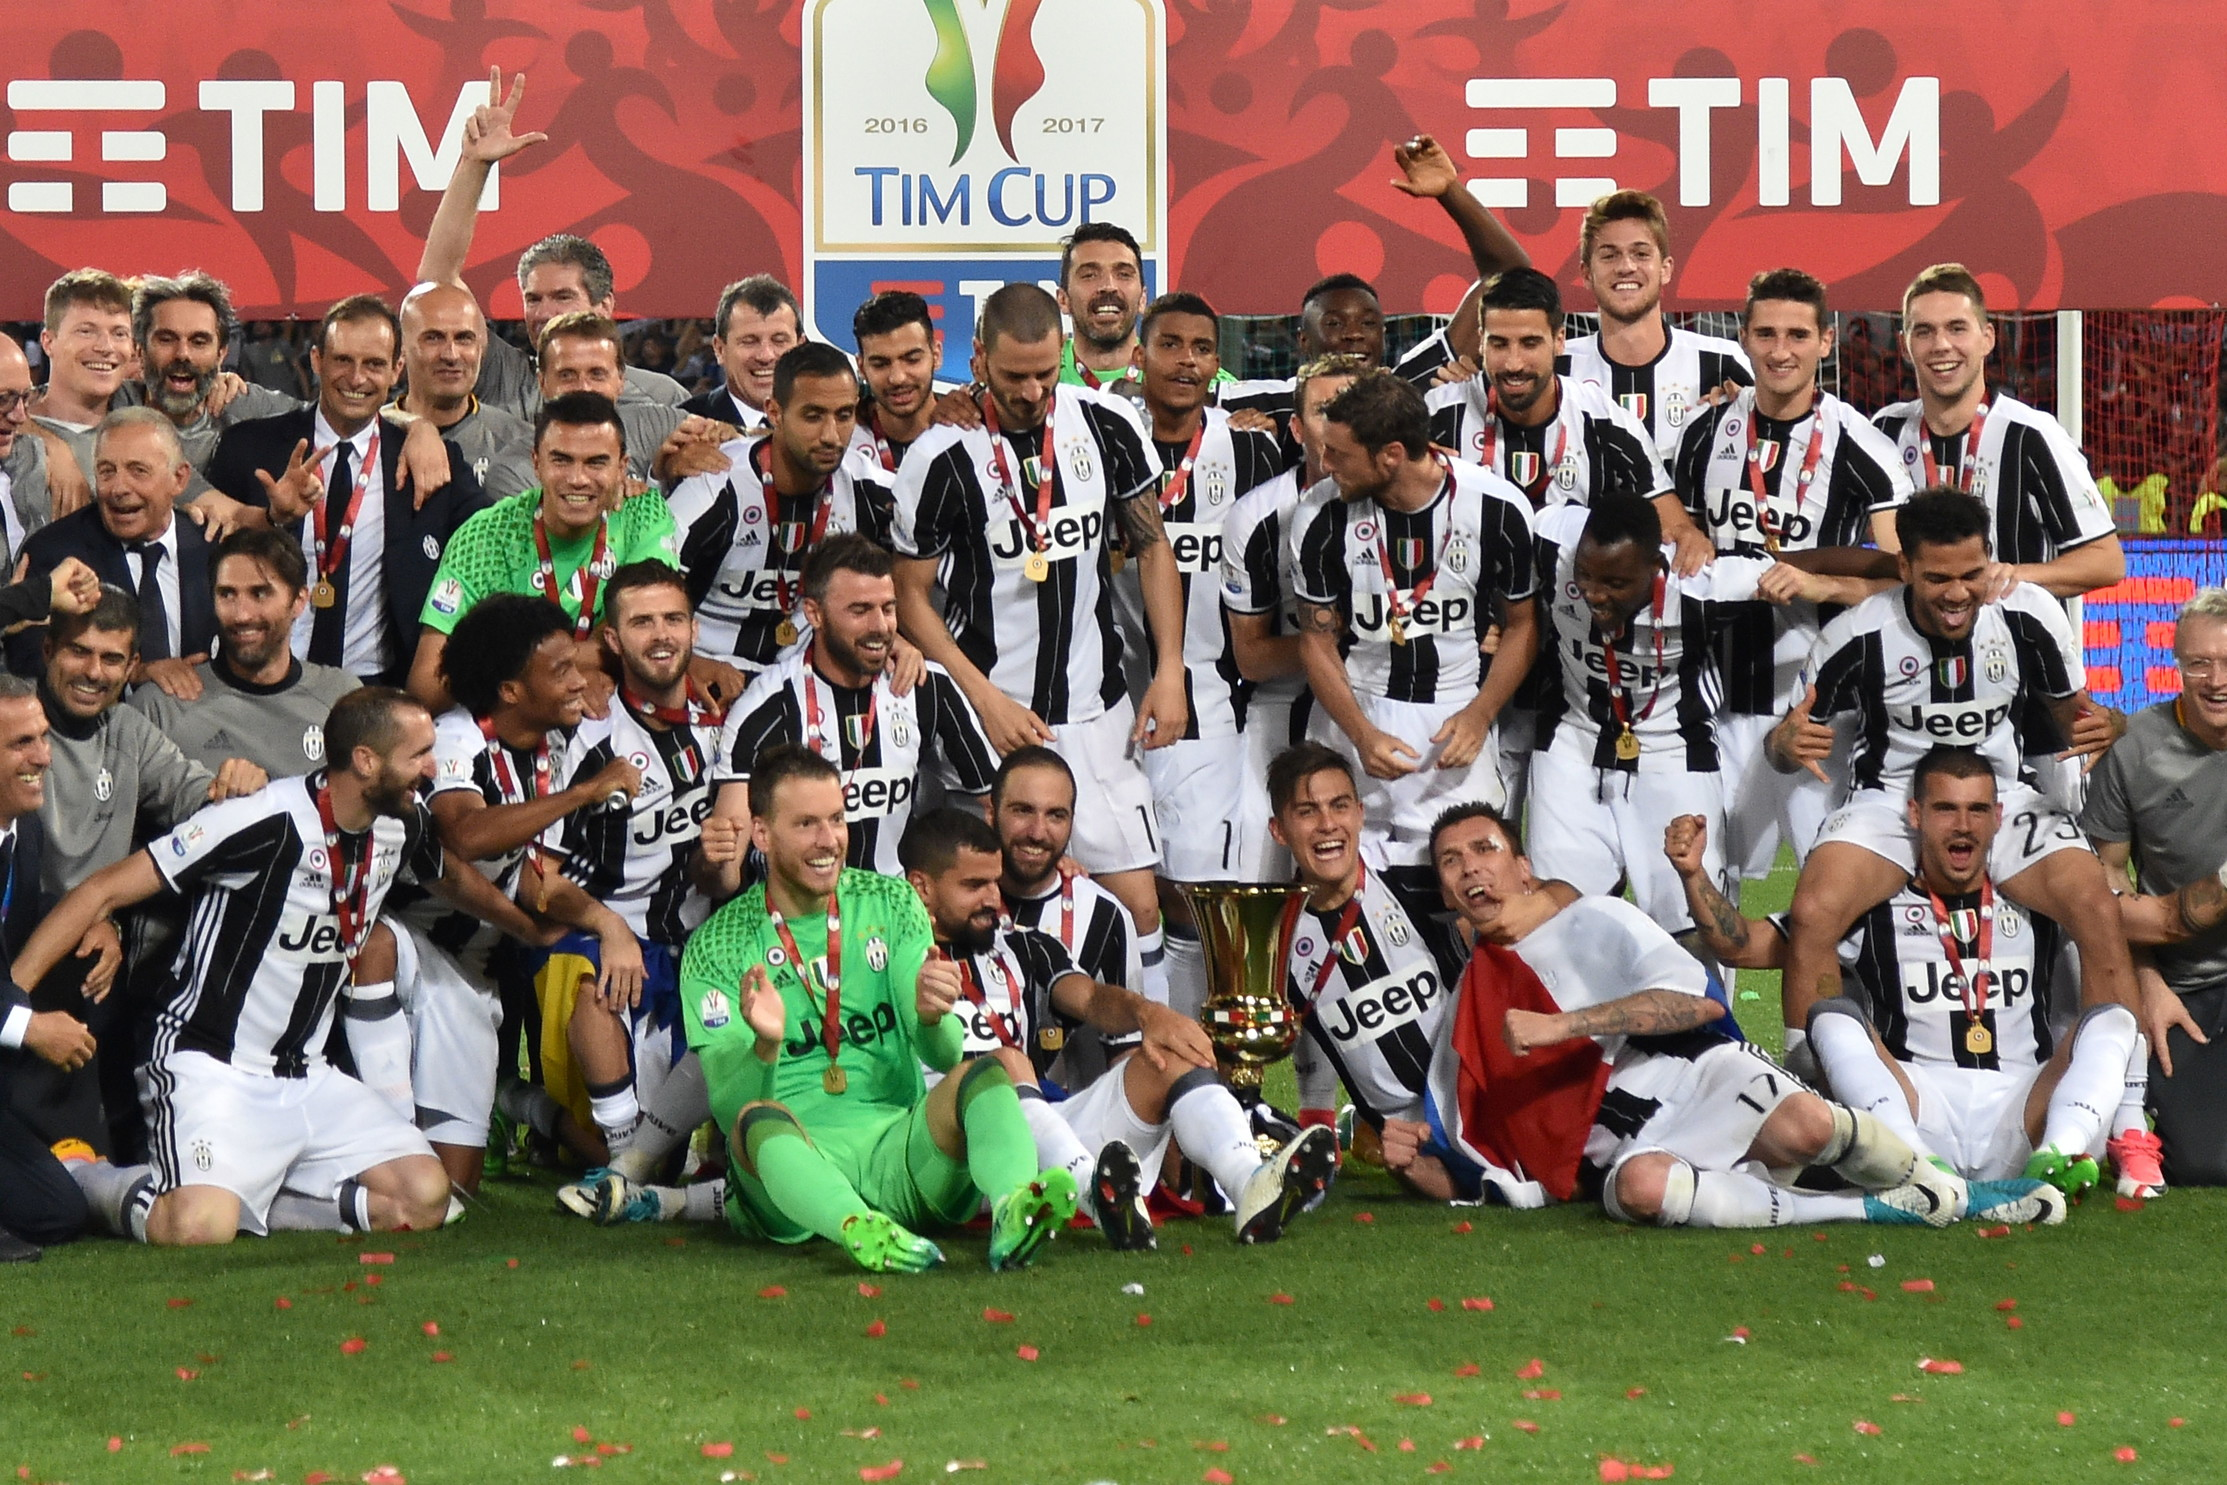 Juventus, 2016/17.